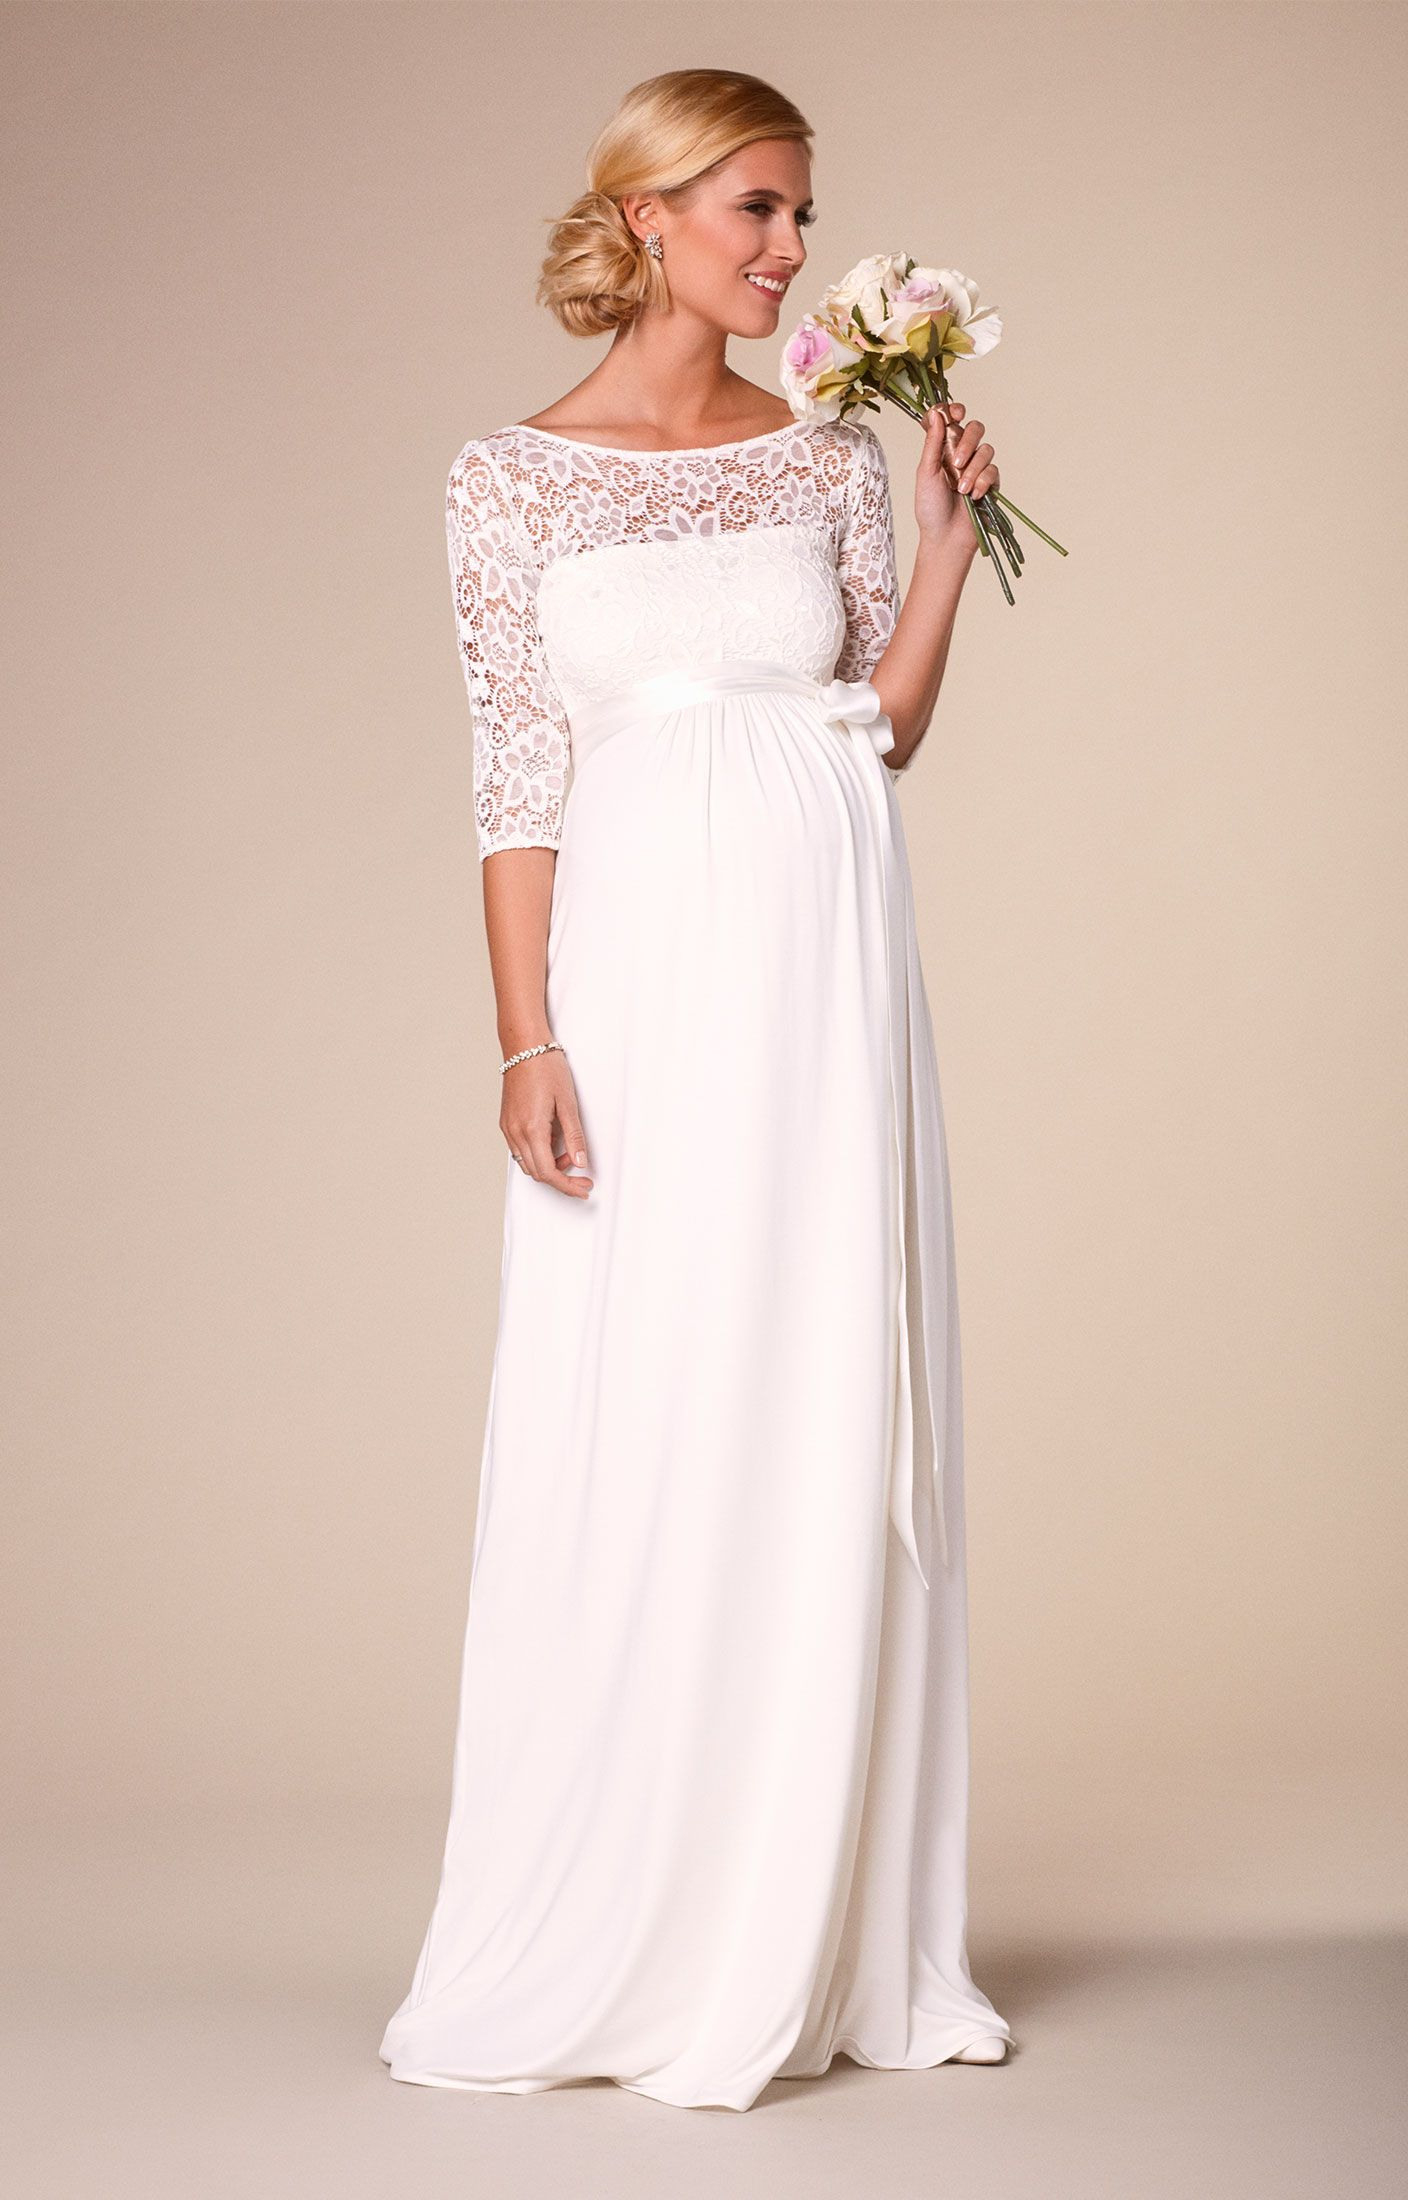 Umstands-Brautkleid Lucia Lang In Elfenbein / Weiß - Abendkleid